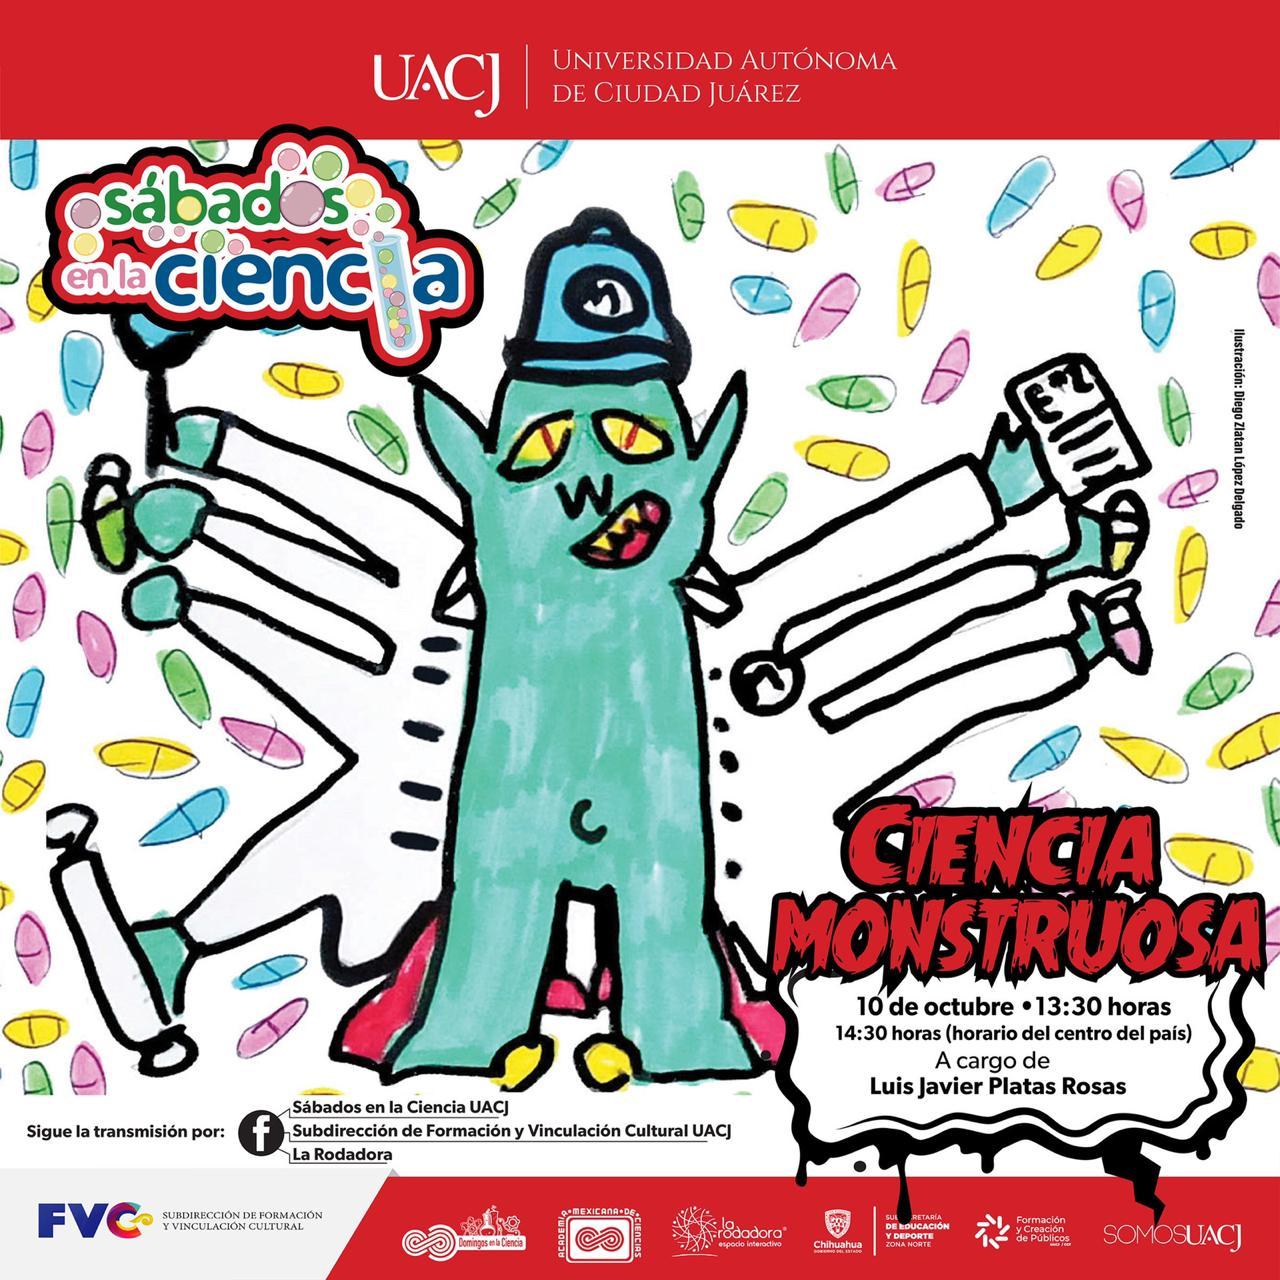 """Sábados en la Ciencia invita a la charla """"Ciencia Monstruosa"""""""